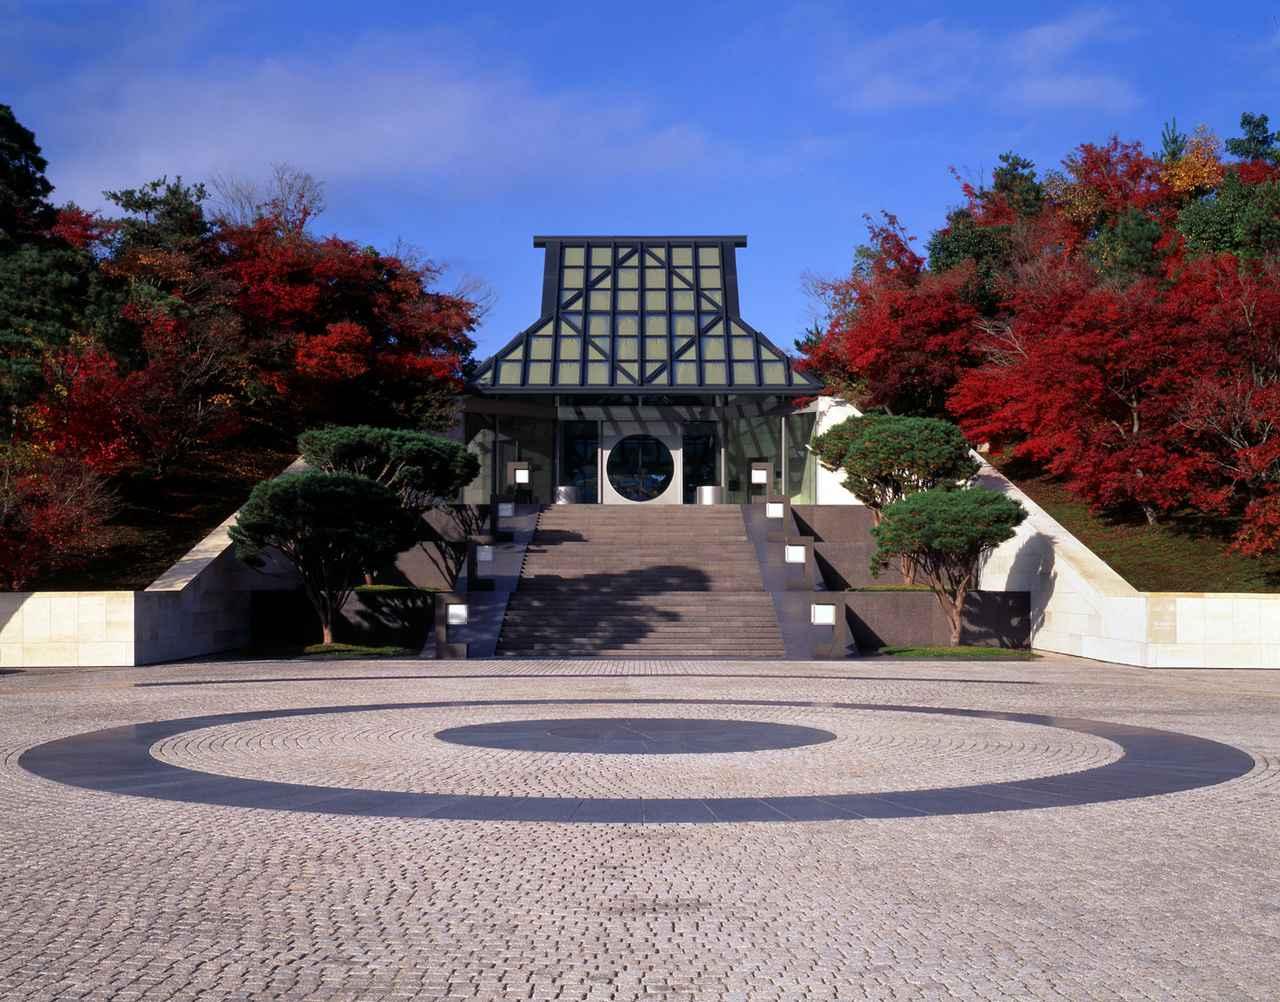 画像3: 日本絵画の名品が里帰りー「ミネアポリス美術館 日本絵画の名品」展 -MIHO MUSEUM